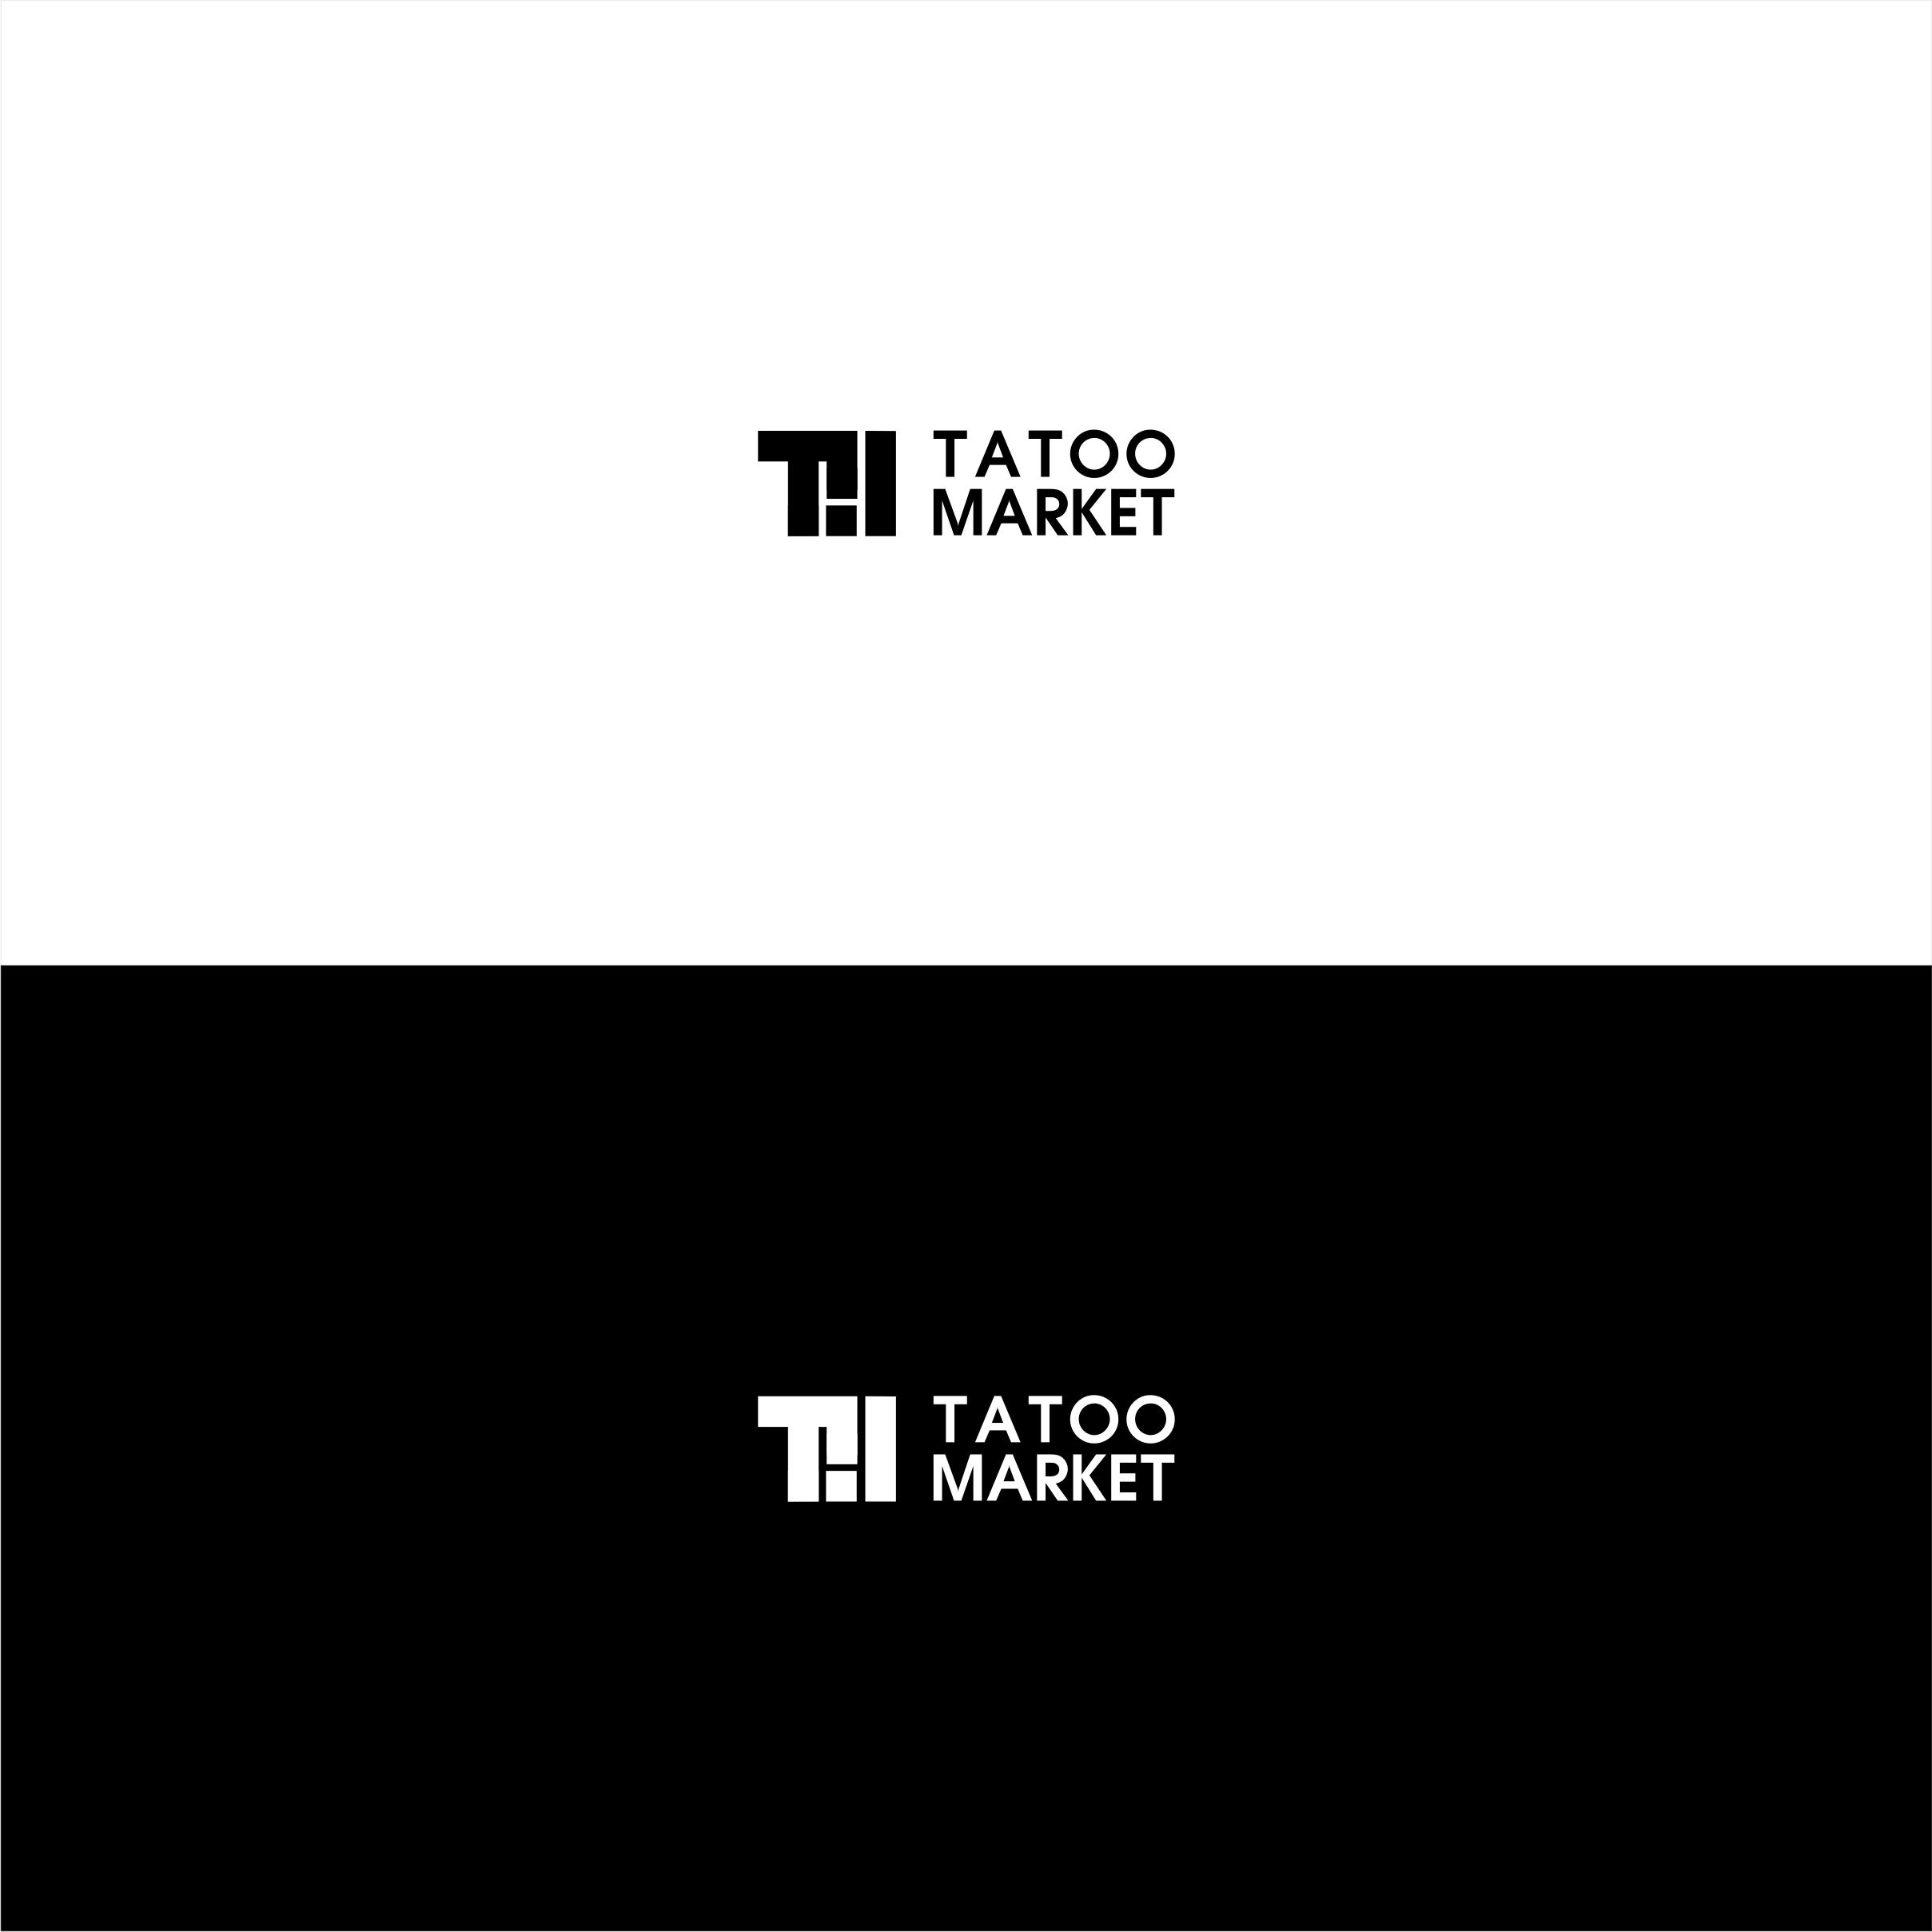 Редизайн логотипа магазина тату оборудования TattooMarket.ru фото f_1355c40703772db5.jpg